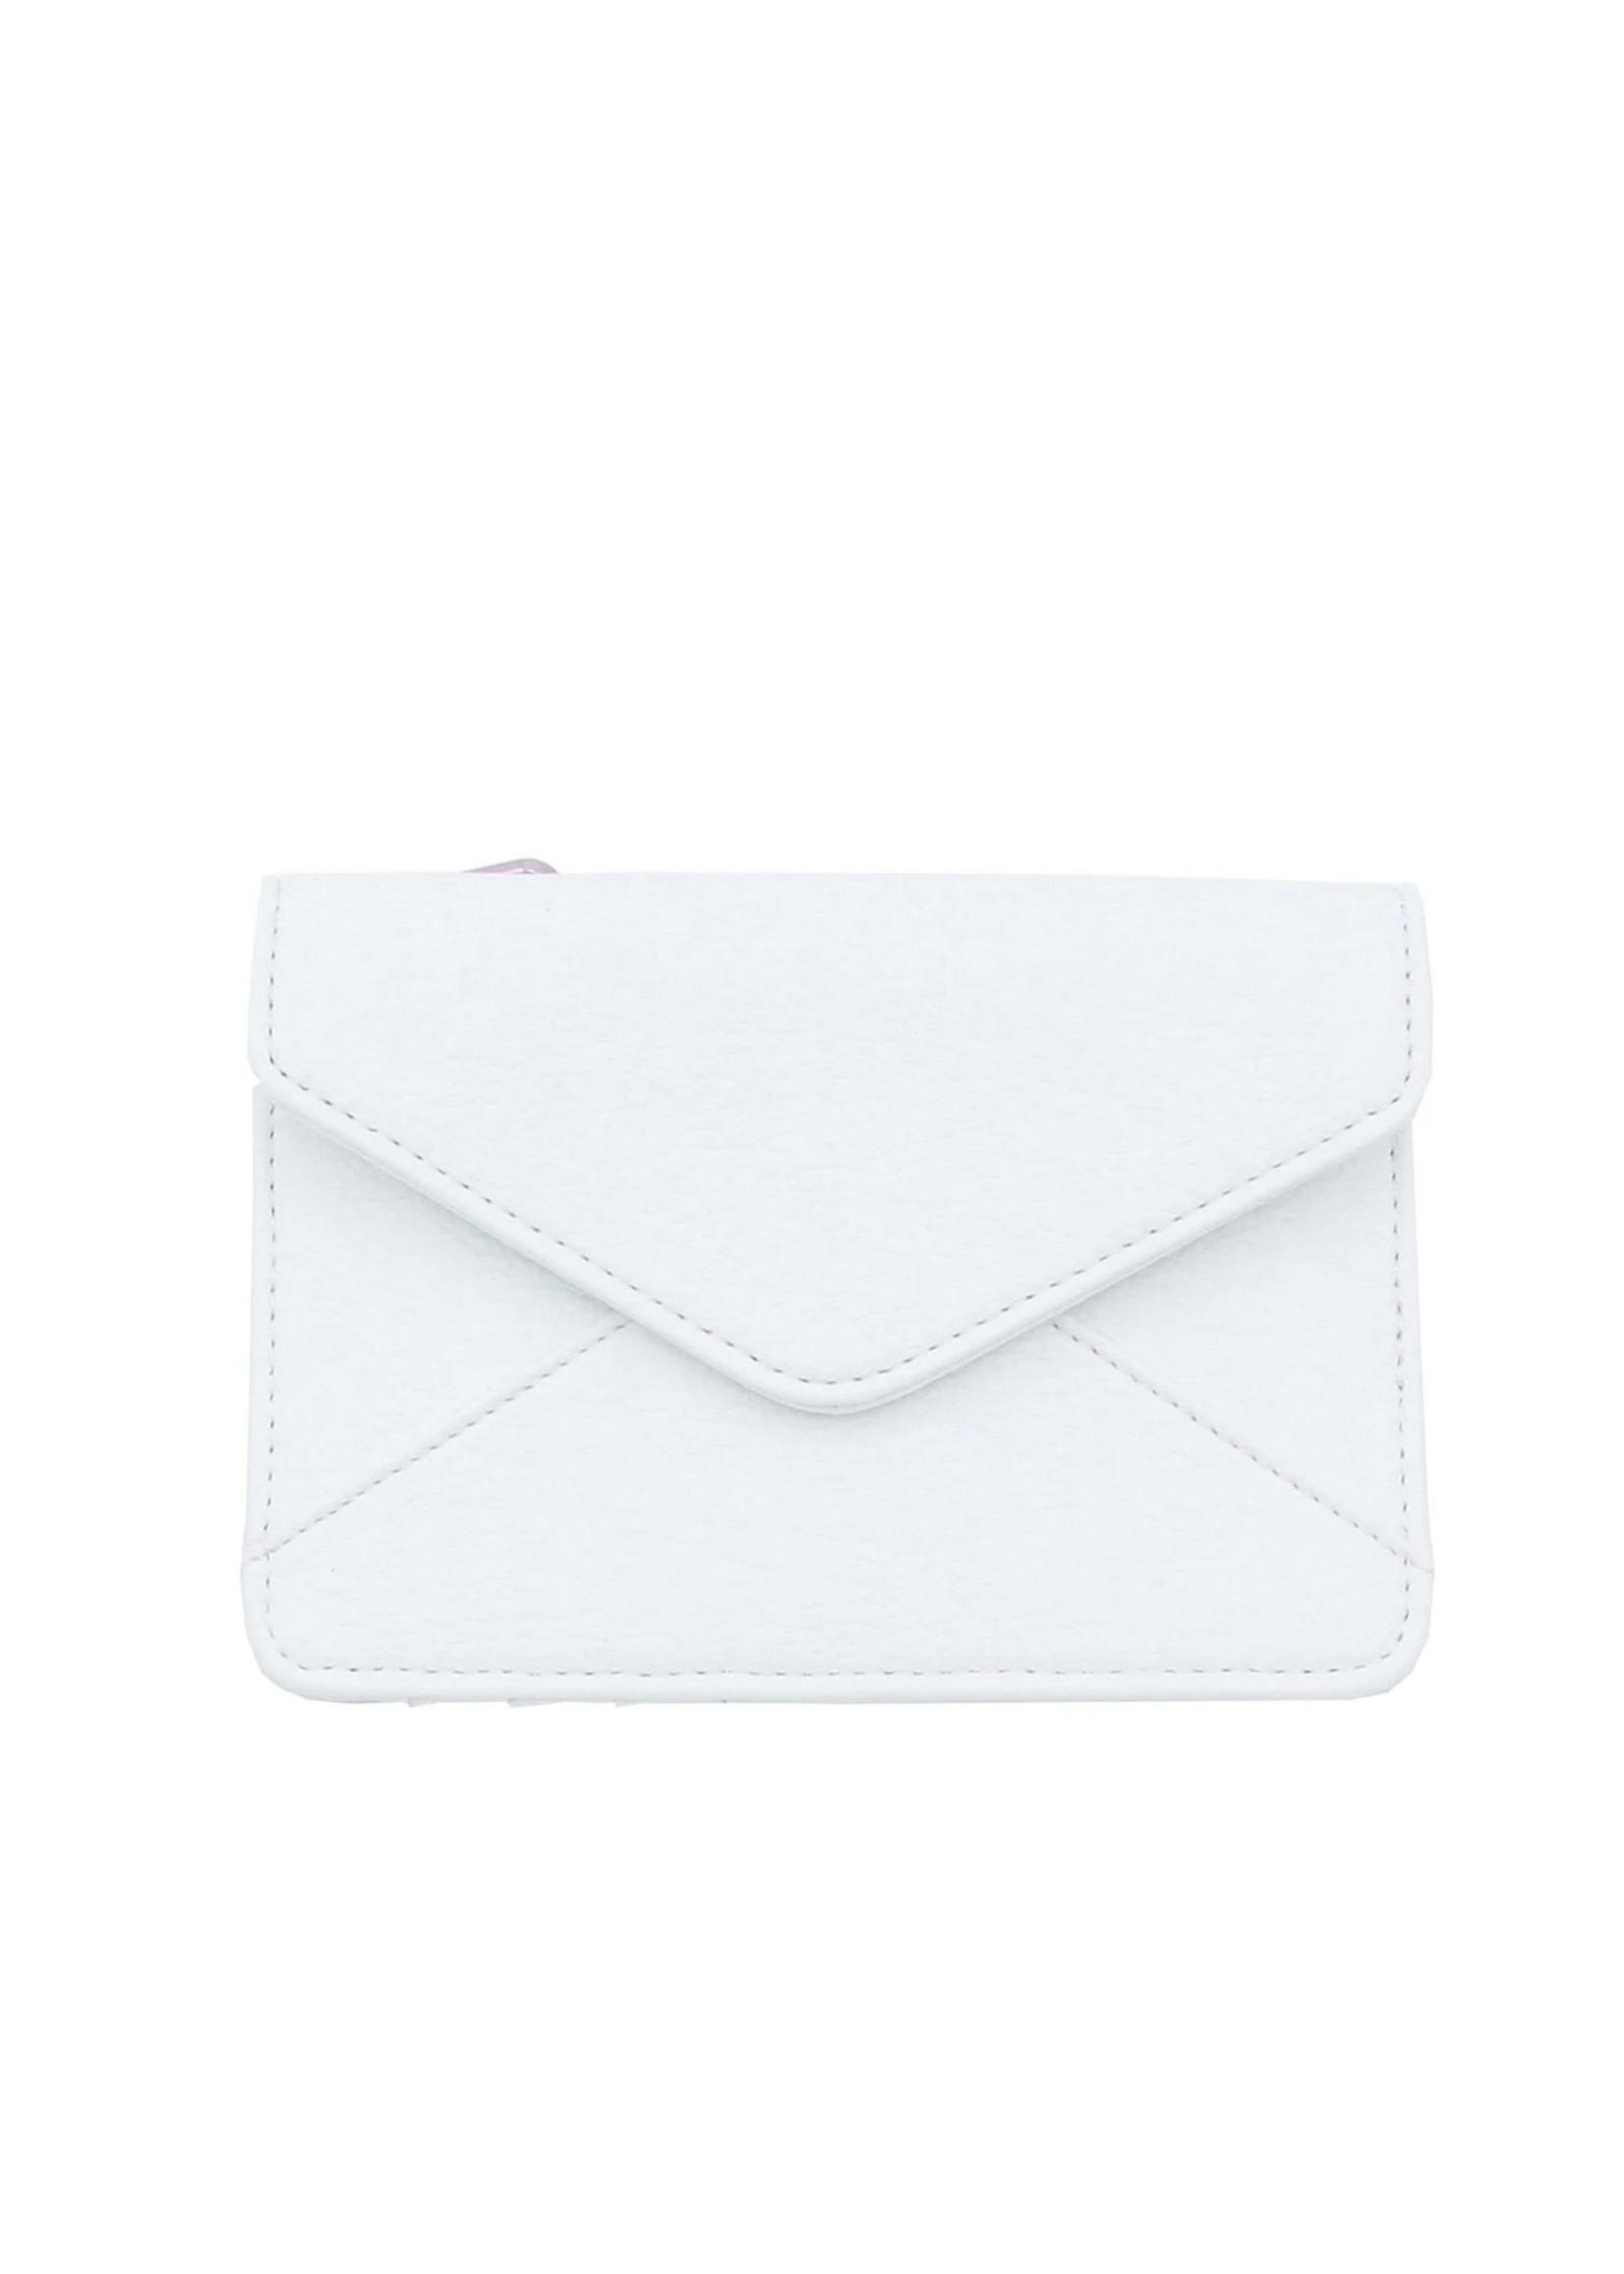 Denise Roobol Mini Wallet White